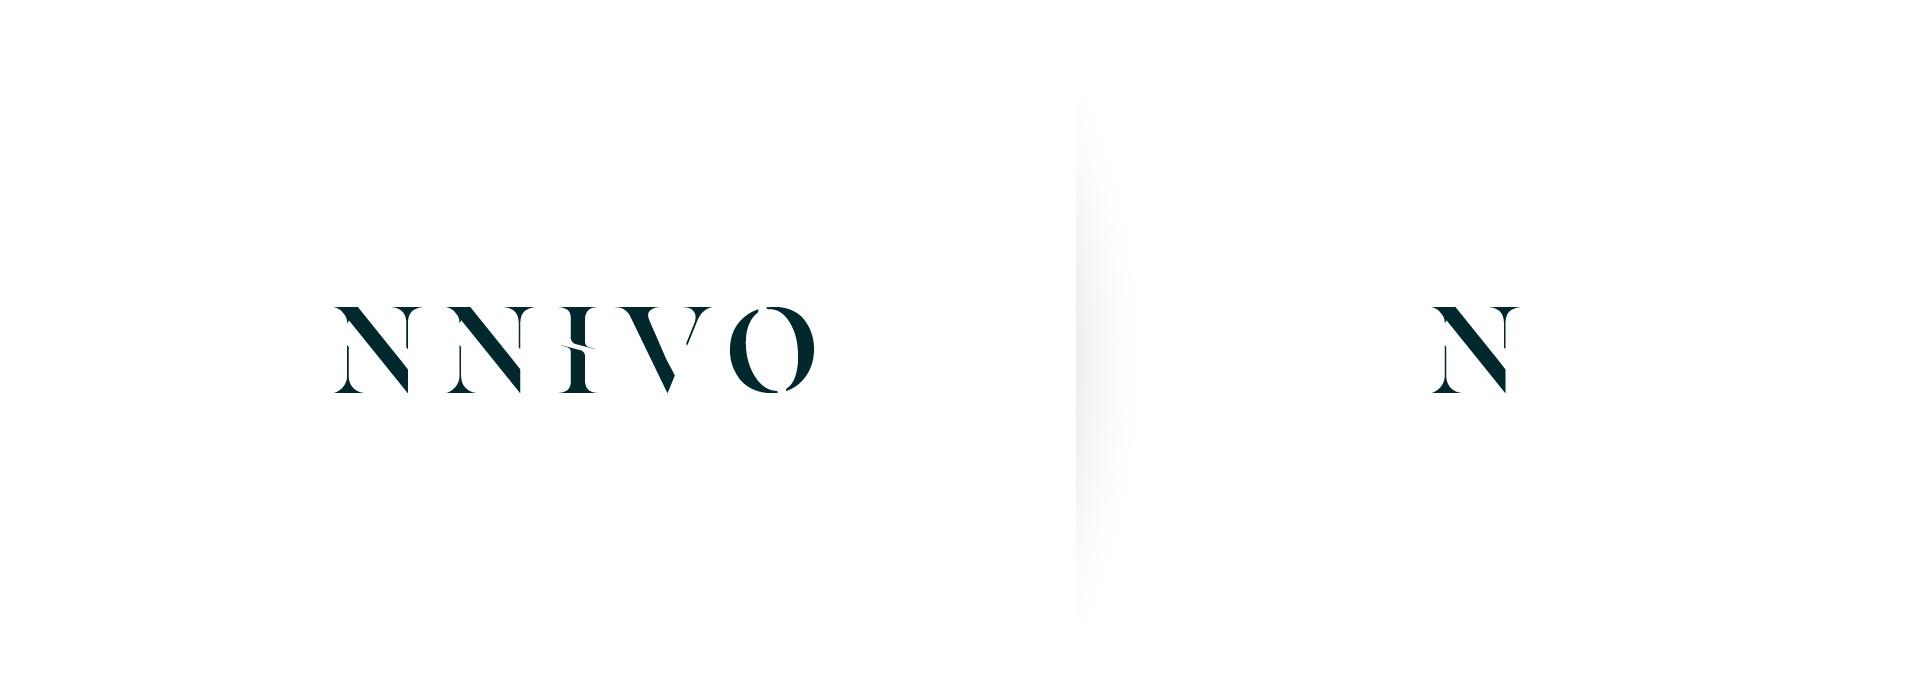 banner Nnivo